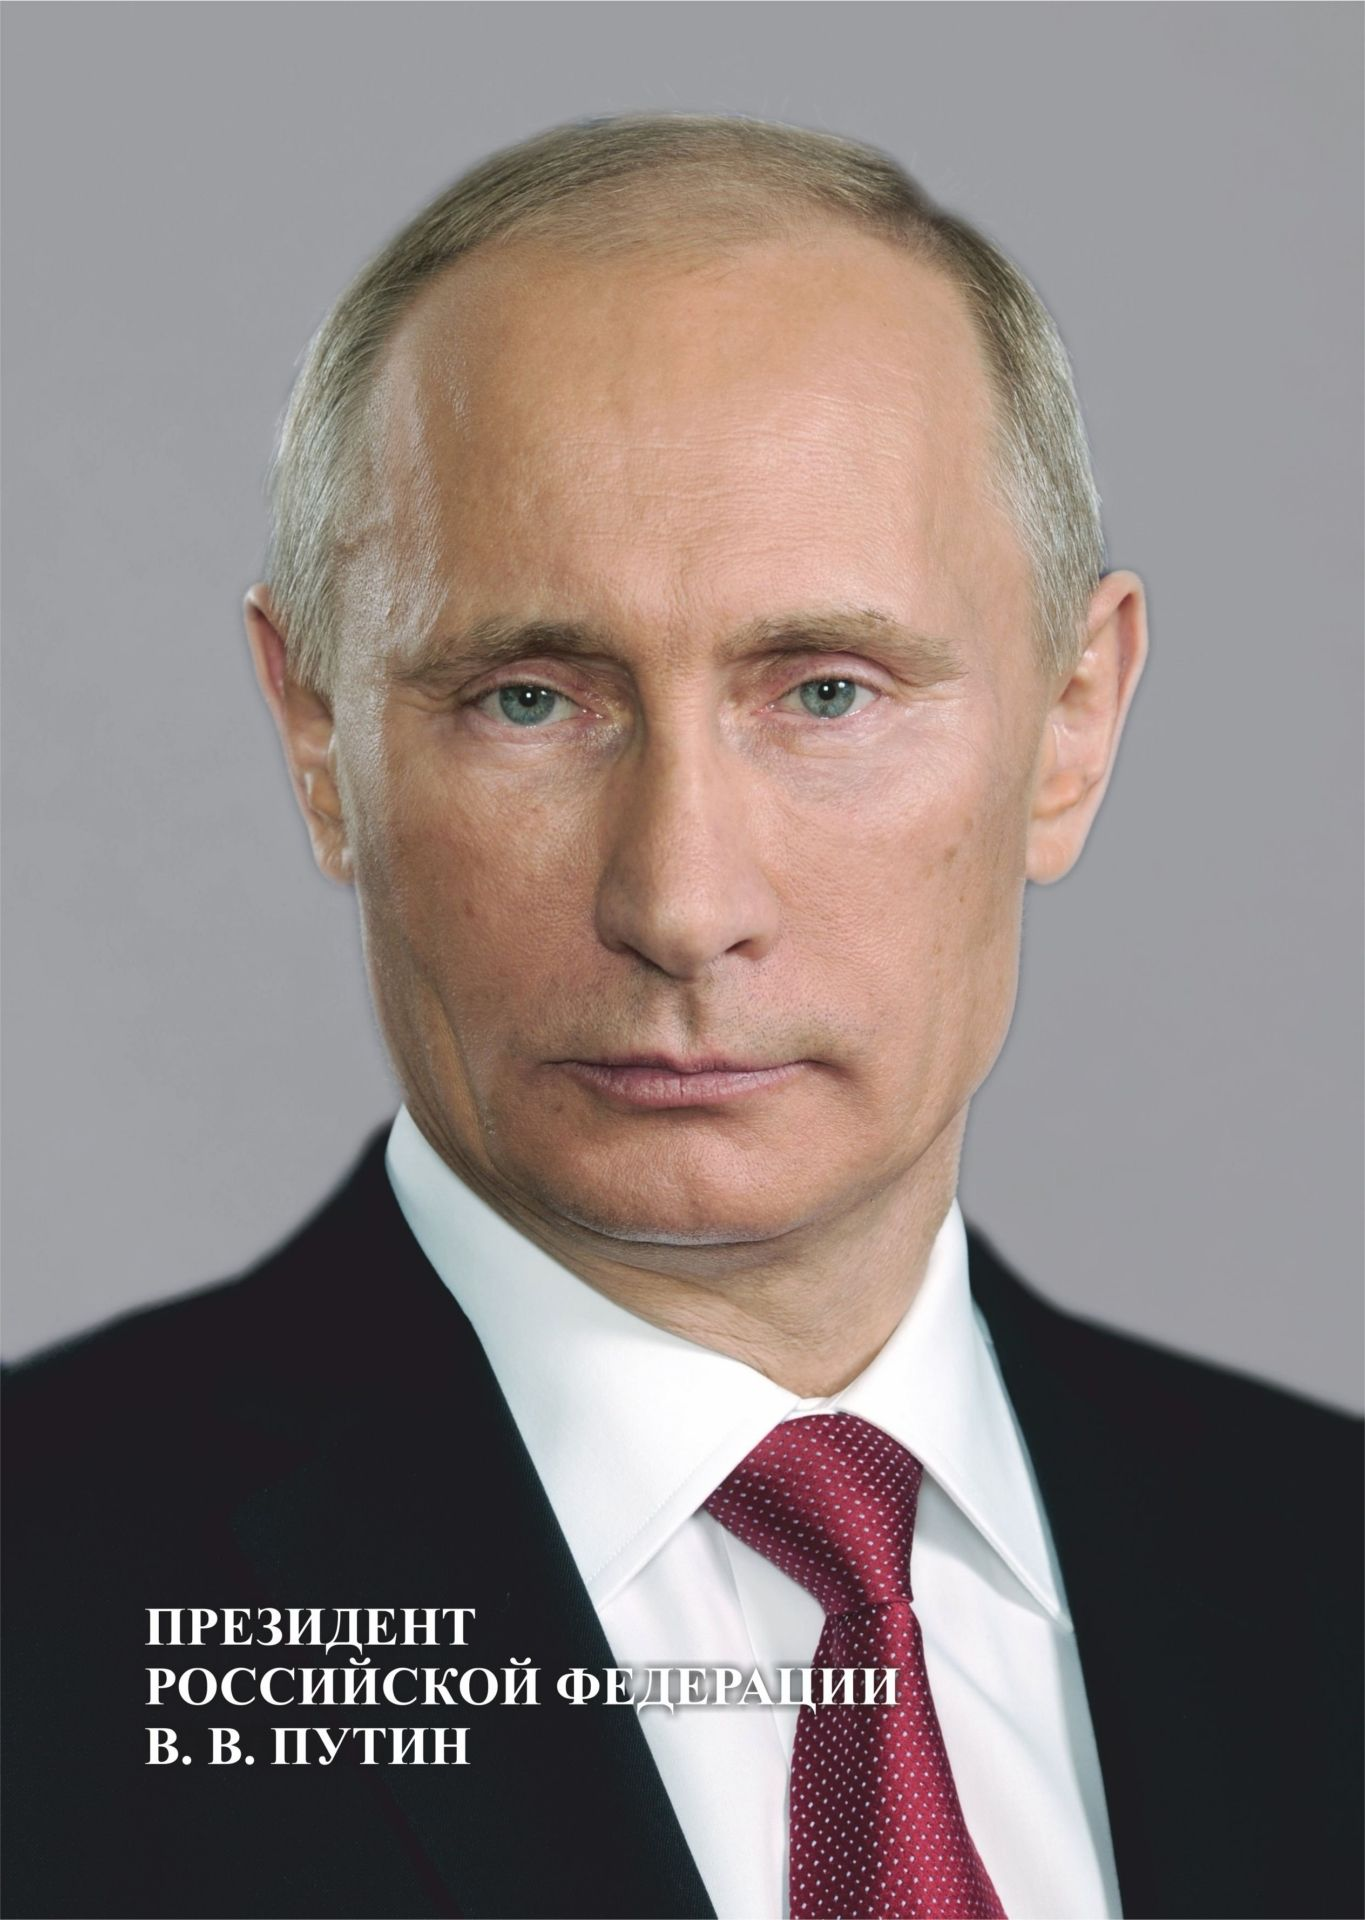 Портрет Президента РФ В.В. ПутинаОформительские плакаты<br>Материалы:на обложку - бумага мелованная, пл. 250.00.<br><br>Год: 2017<br>Высота: 297<br>Ширина: 210